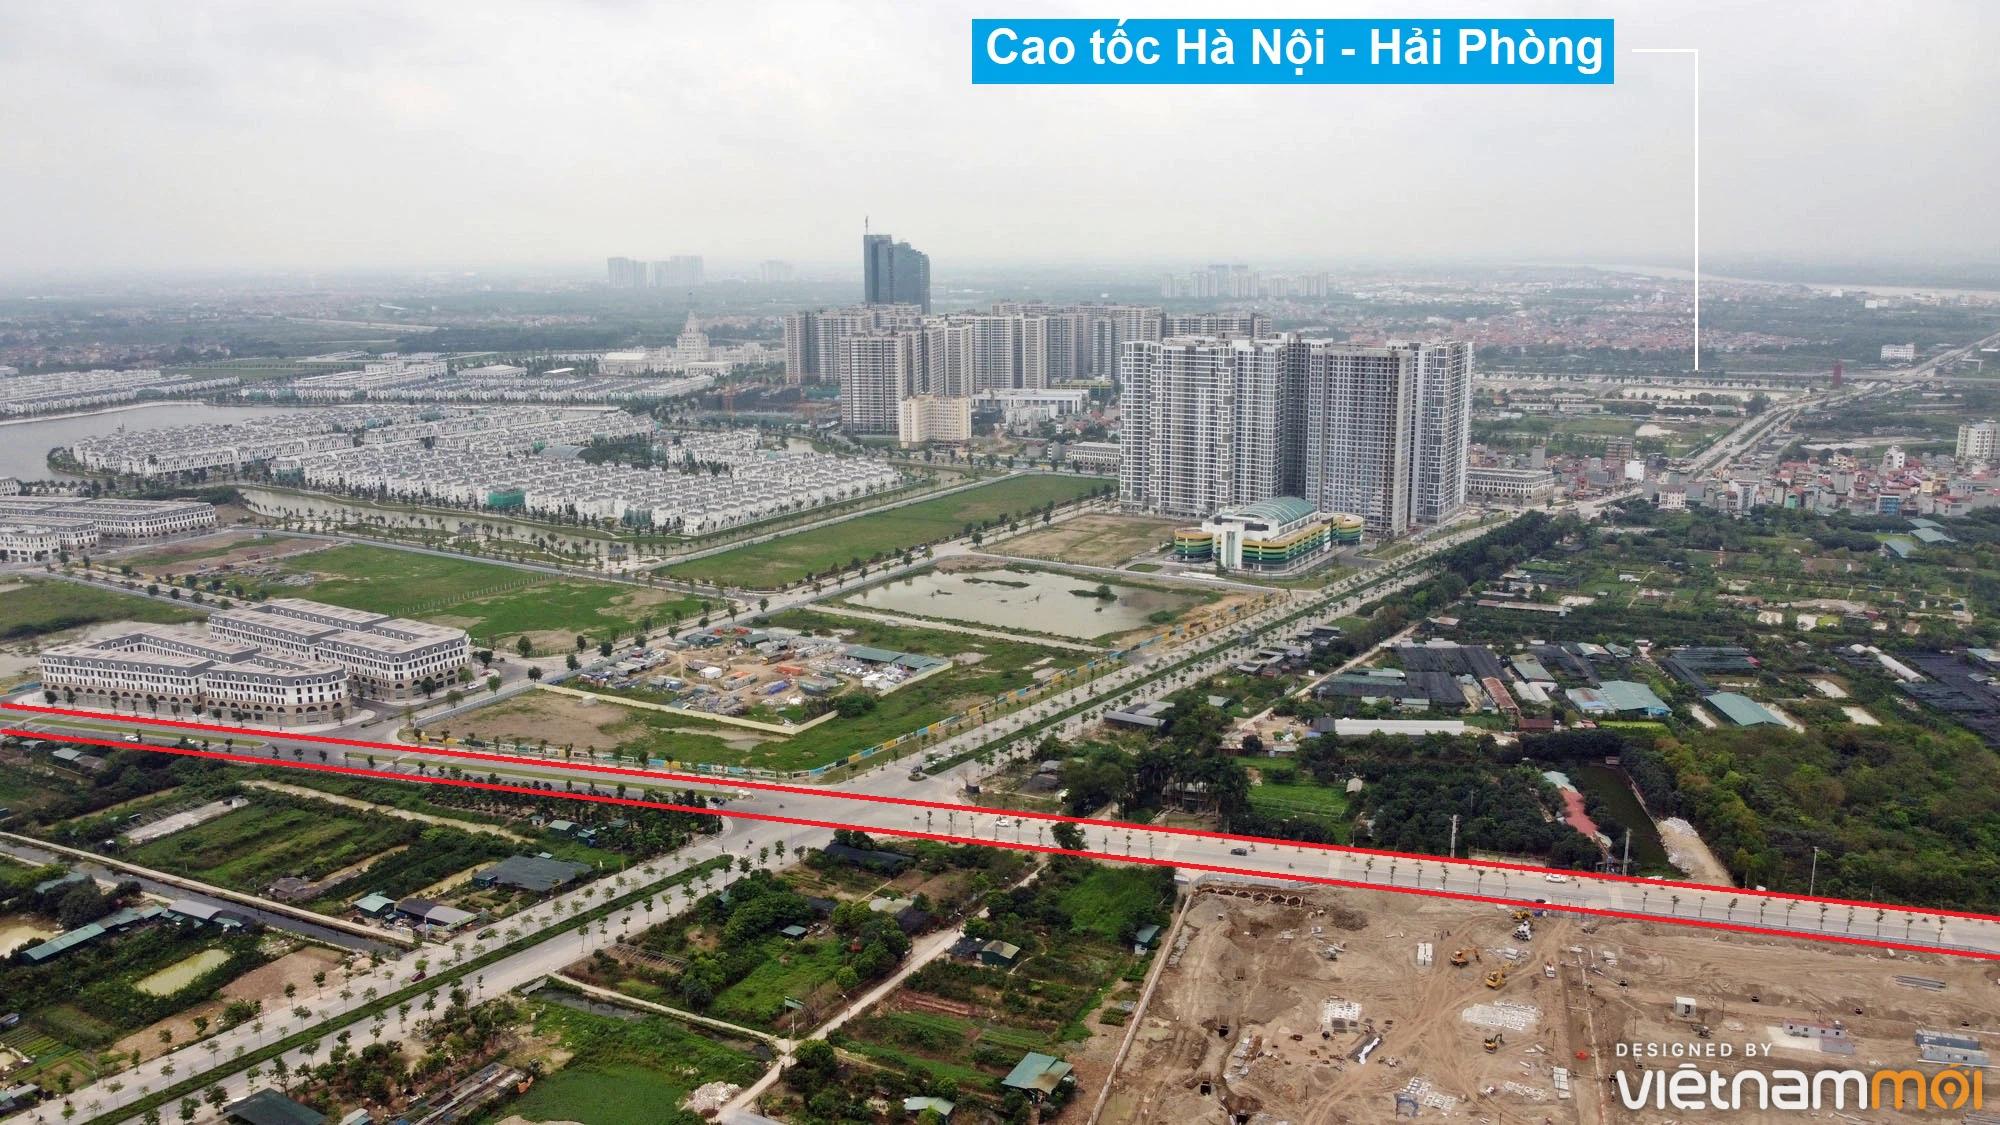 Toàn cảnh đường từ Kiêu Kỵ đến sông Cầu Bây qua Vinhomes Ocean Park đang mở theo quy hoạch ở Hà Nội - Ảnh 4.